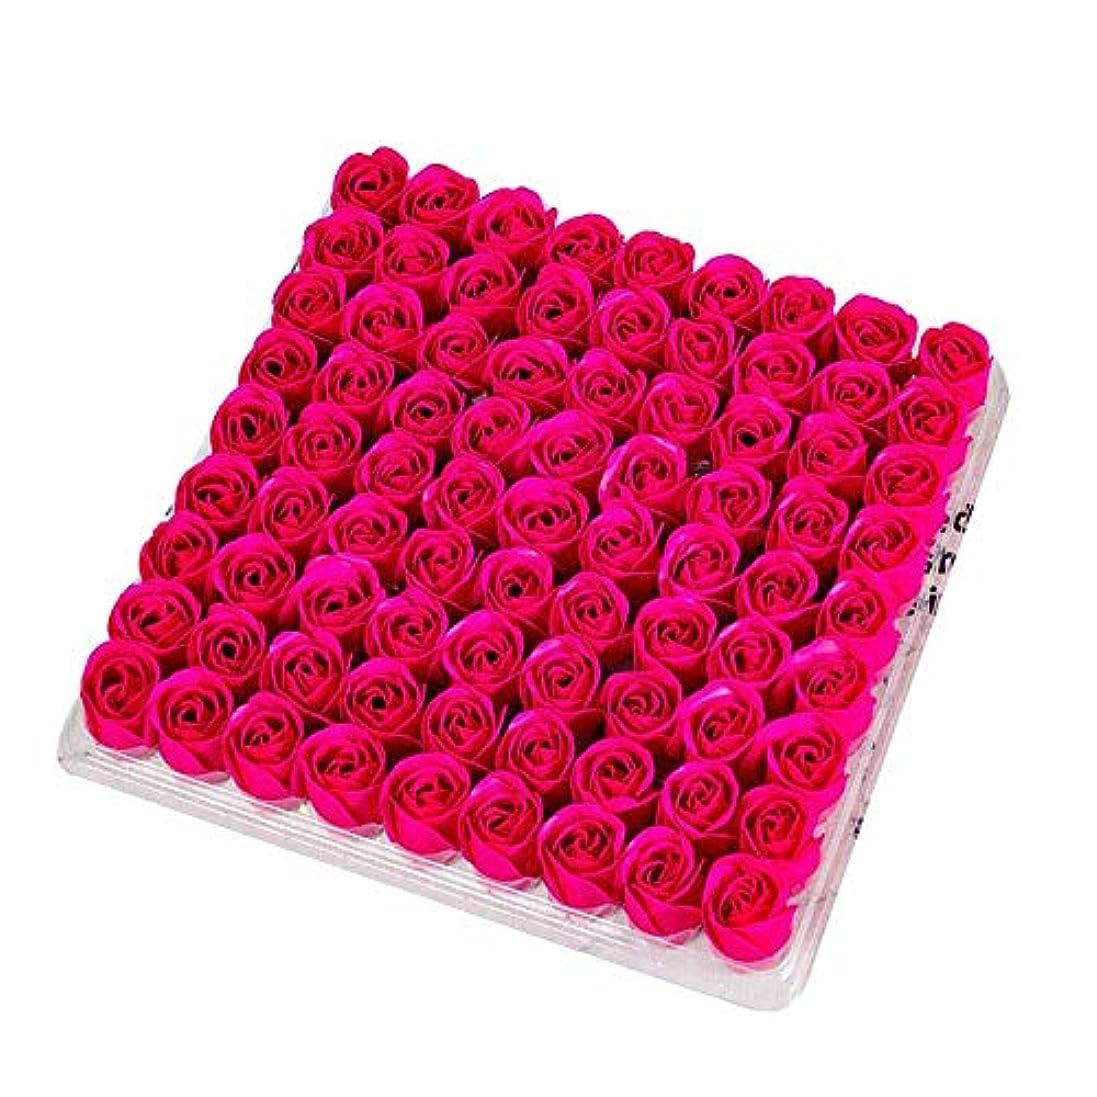 貧困インクペーストCUHAWUDBA 81個の薔薇、バス ボディ フラワー?フローラルの石けん 香りのよいローズフラワー エッセンシャルオイル フローラルのお客様への石鹸 ウェディング、パーティー、バレンタインデーの贈り物、薔薇、ローズレッド